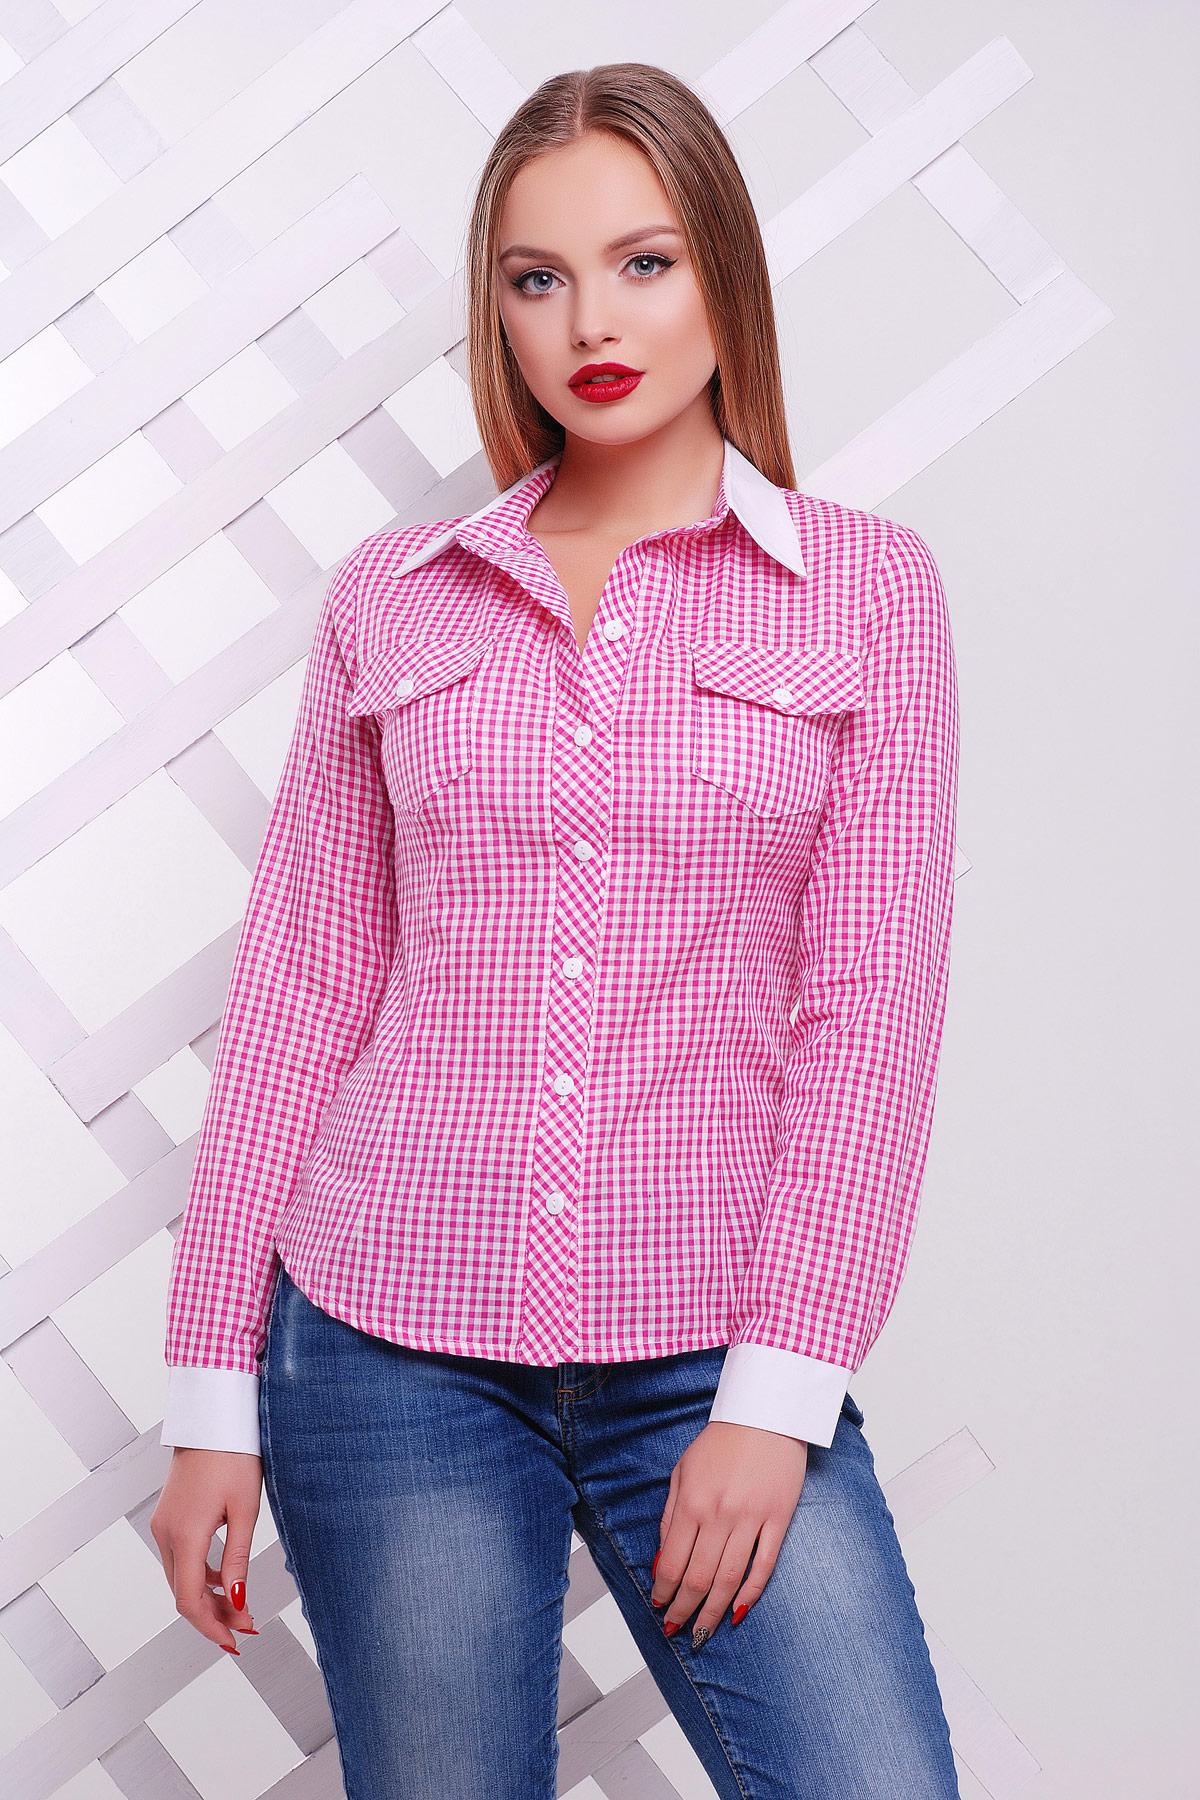 efd388686e2 Розовая блуза в мелкую клетку классического кроя. блуза Техас д р. Цвет